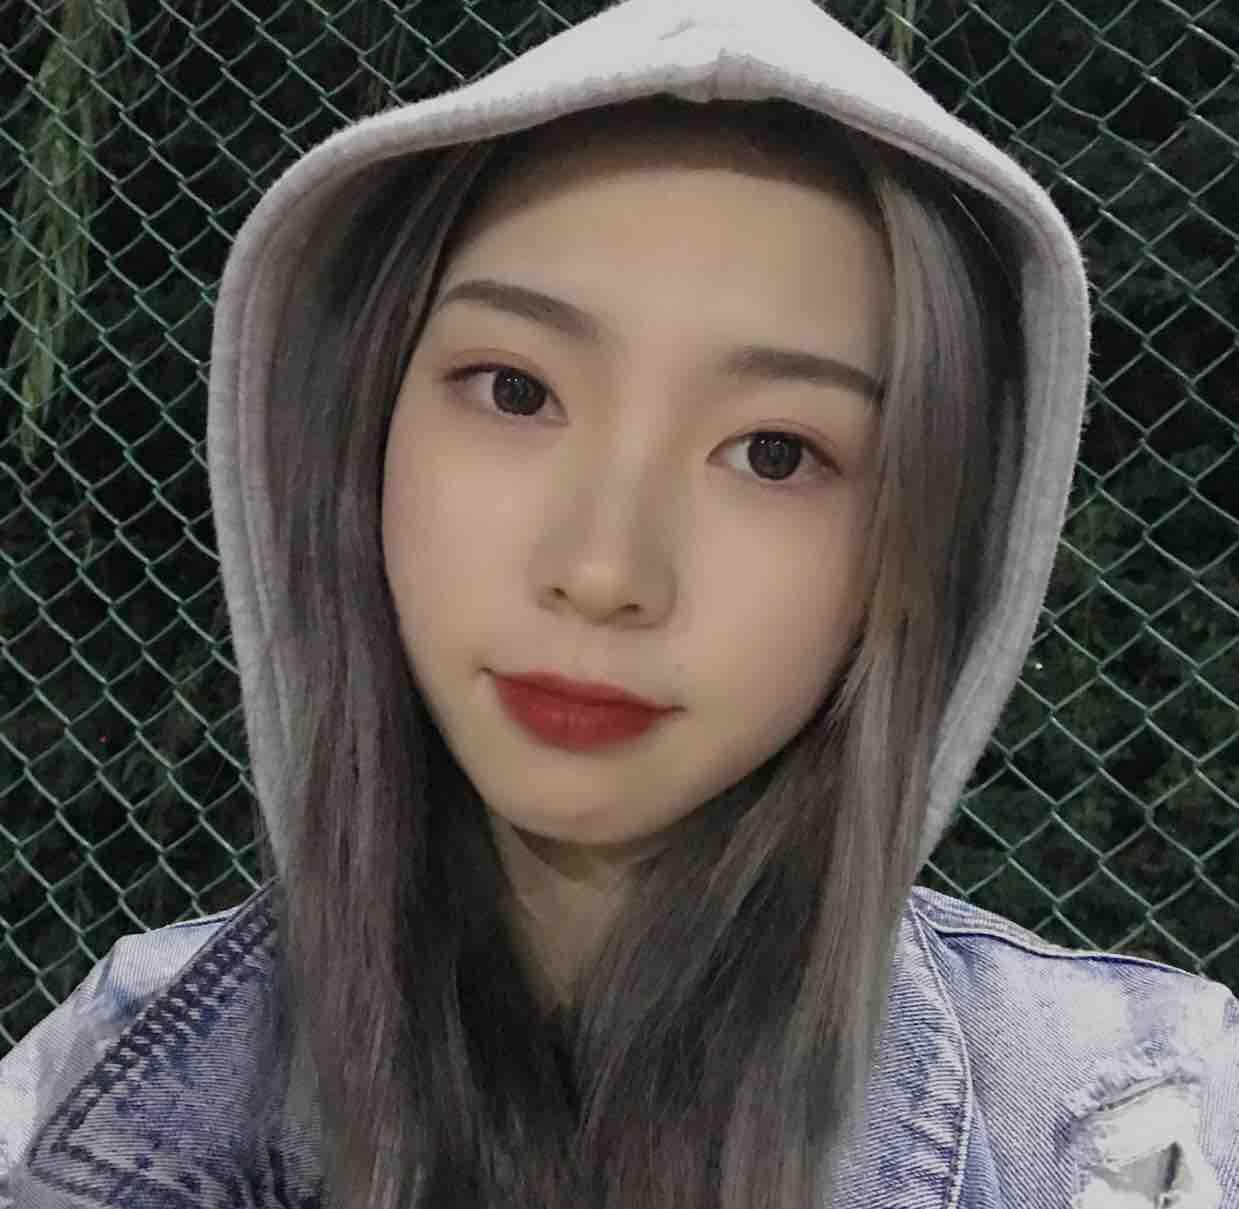 xiaoyuqing997